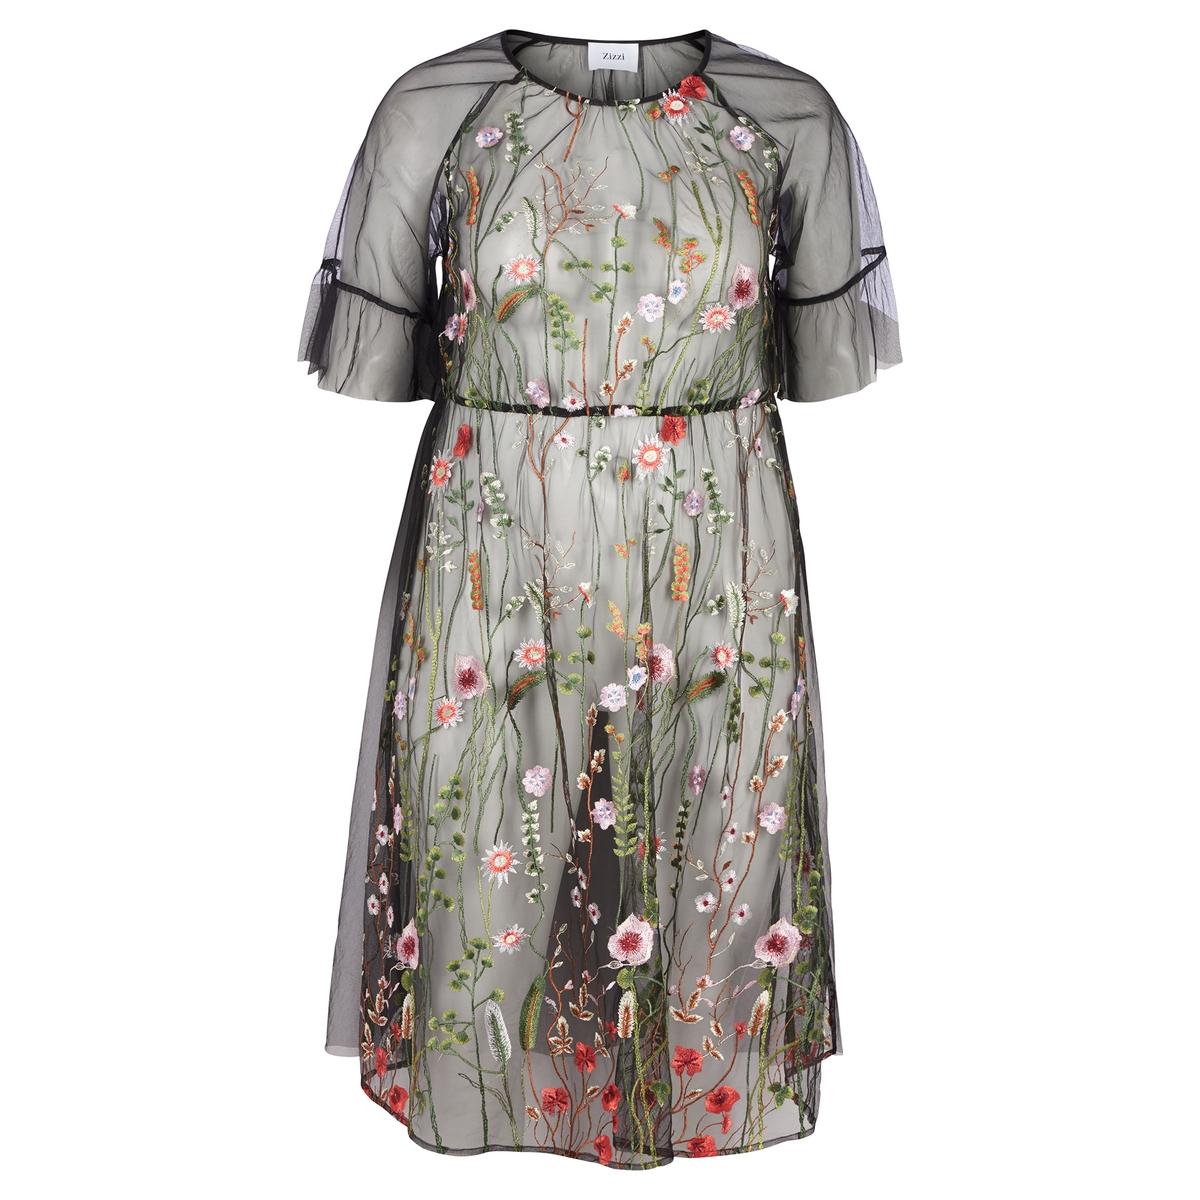 Платье расклешенное с цветочным рисунком и короткими рукавами платье футляр с цветочным рисунком